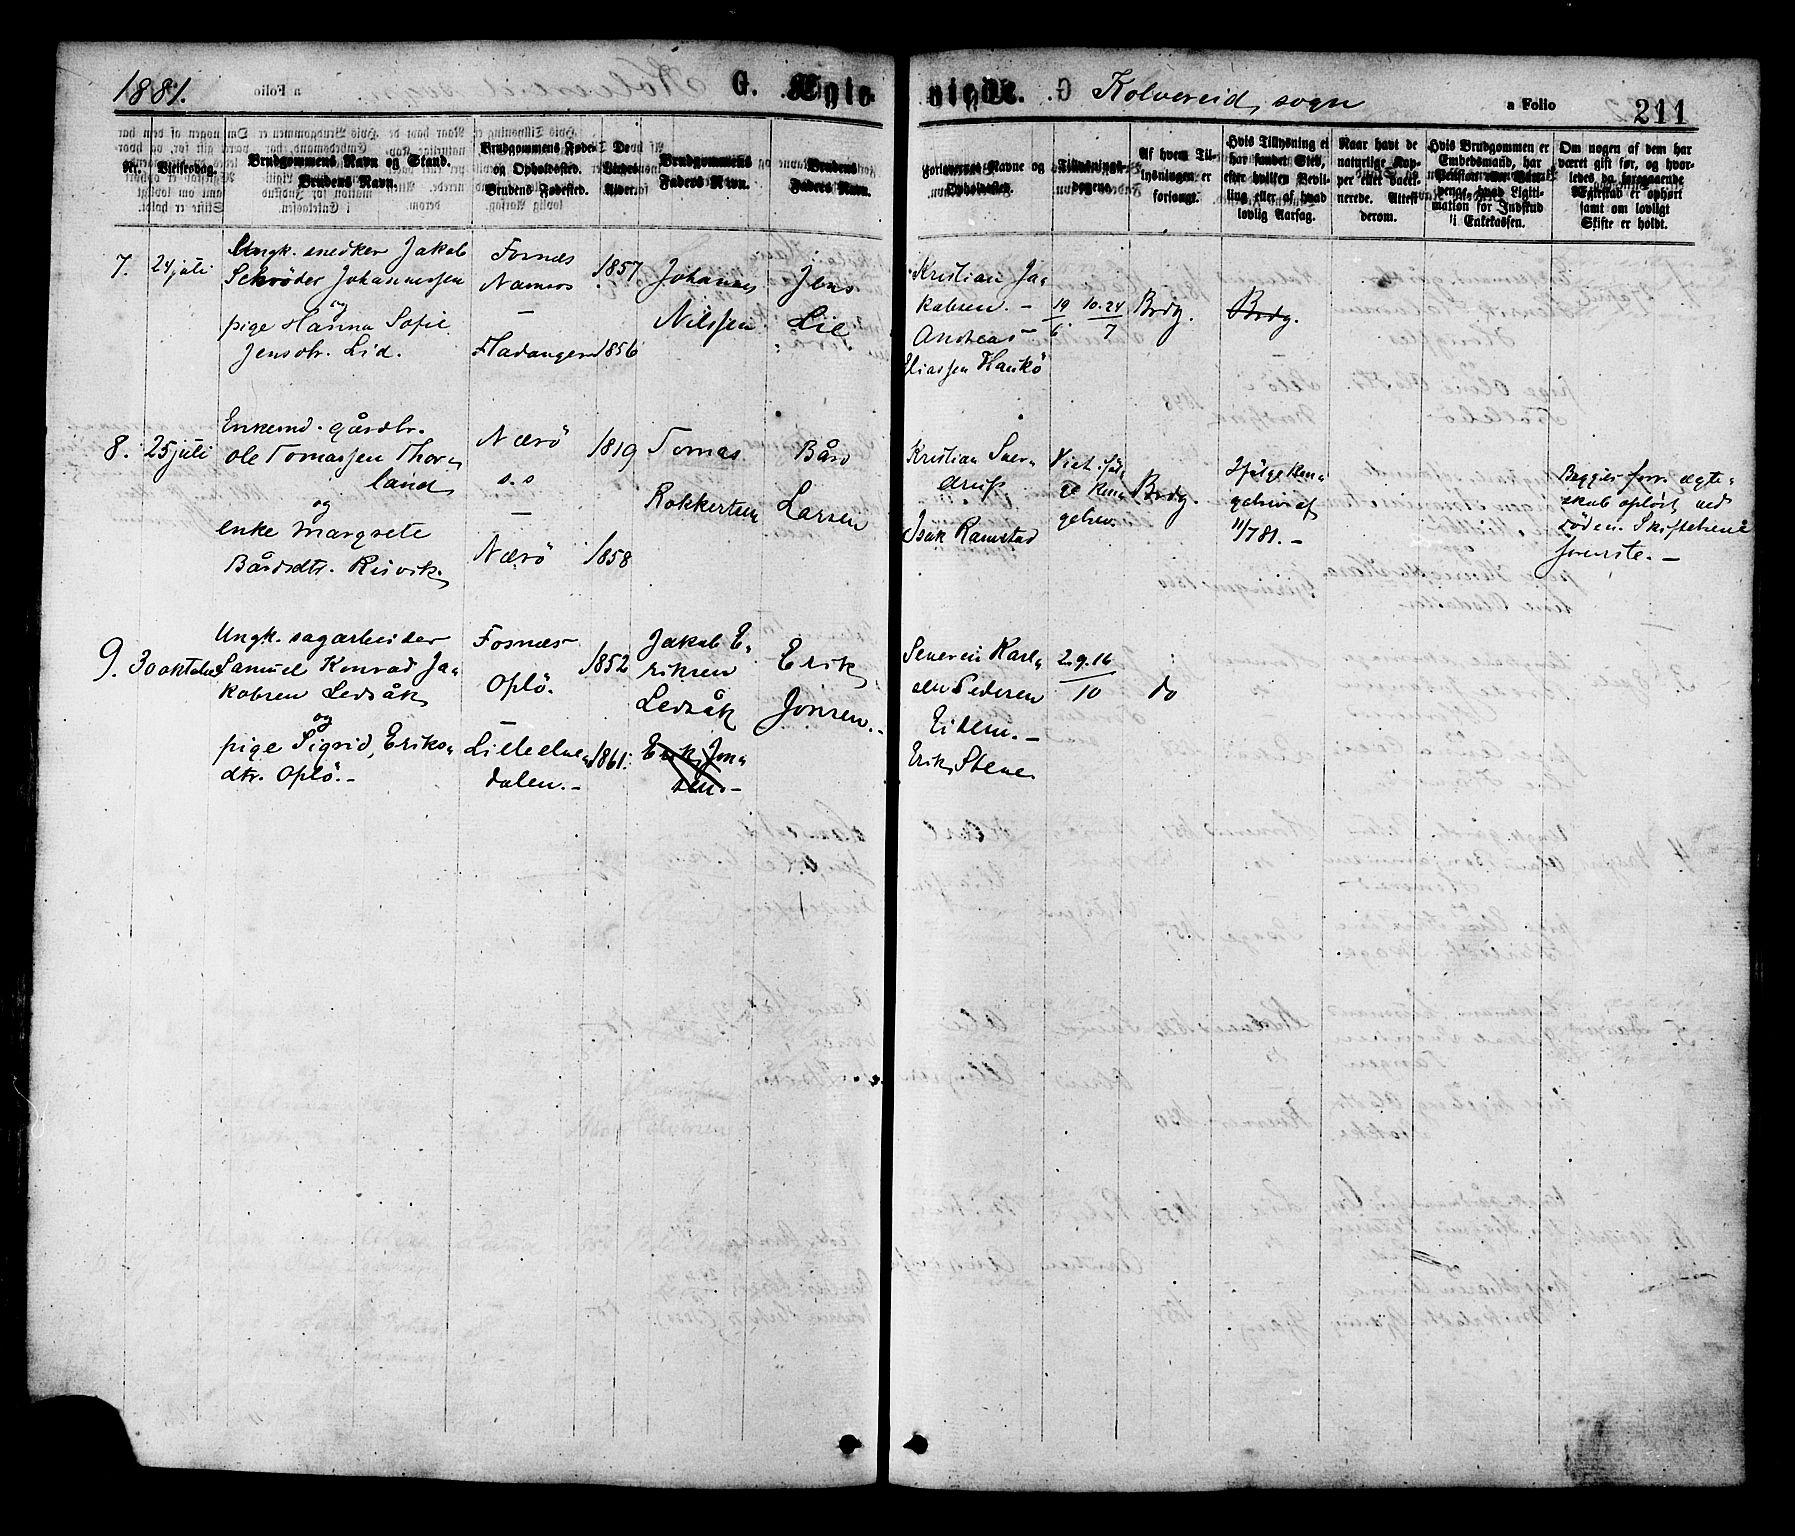 SAT, Ministerialprotokoller, klokkerbøker og fødselsregistre - Nord-Trøndelag, 780/L0642: Ministerialbok nr. 780A07 /1, 1874-1885, s. 211